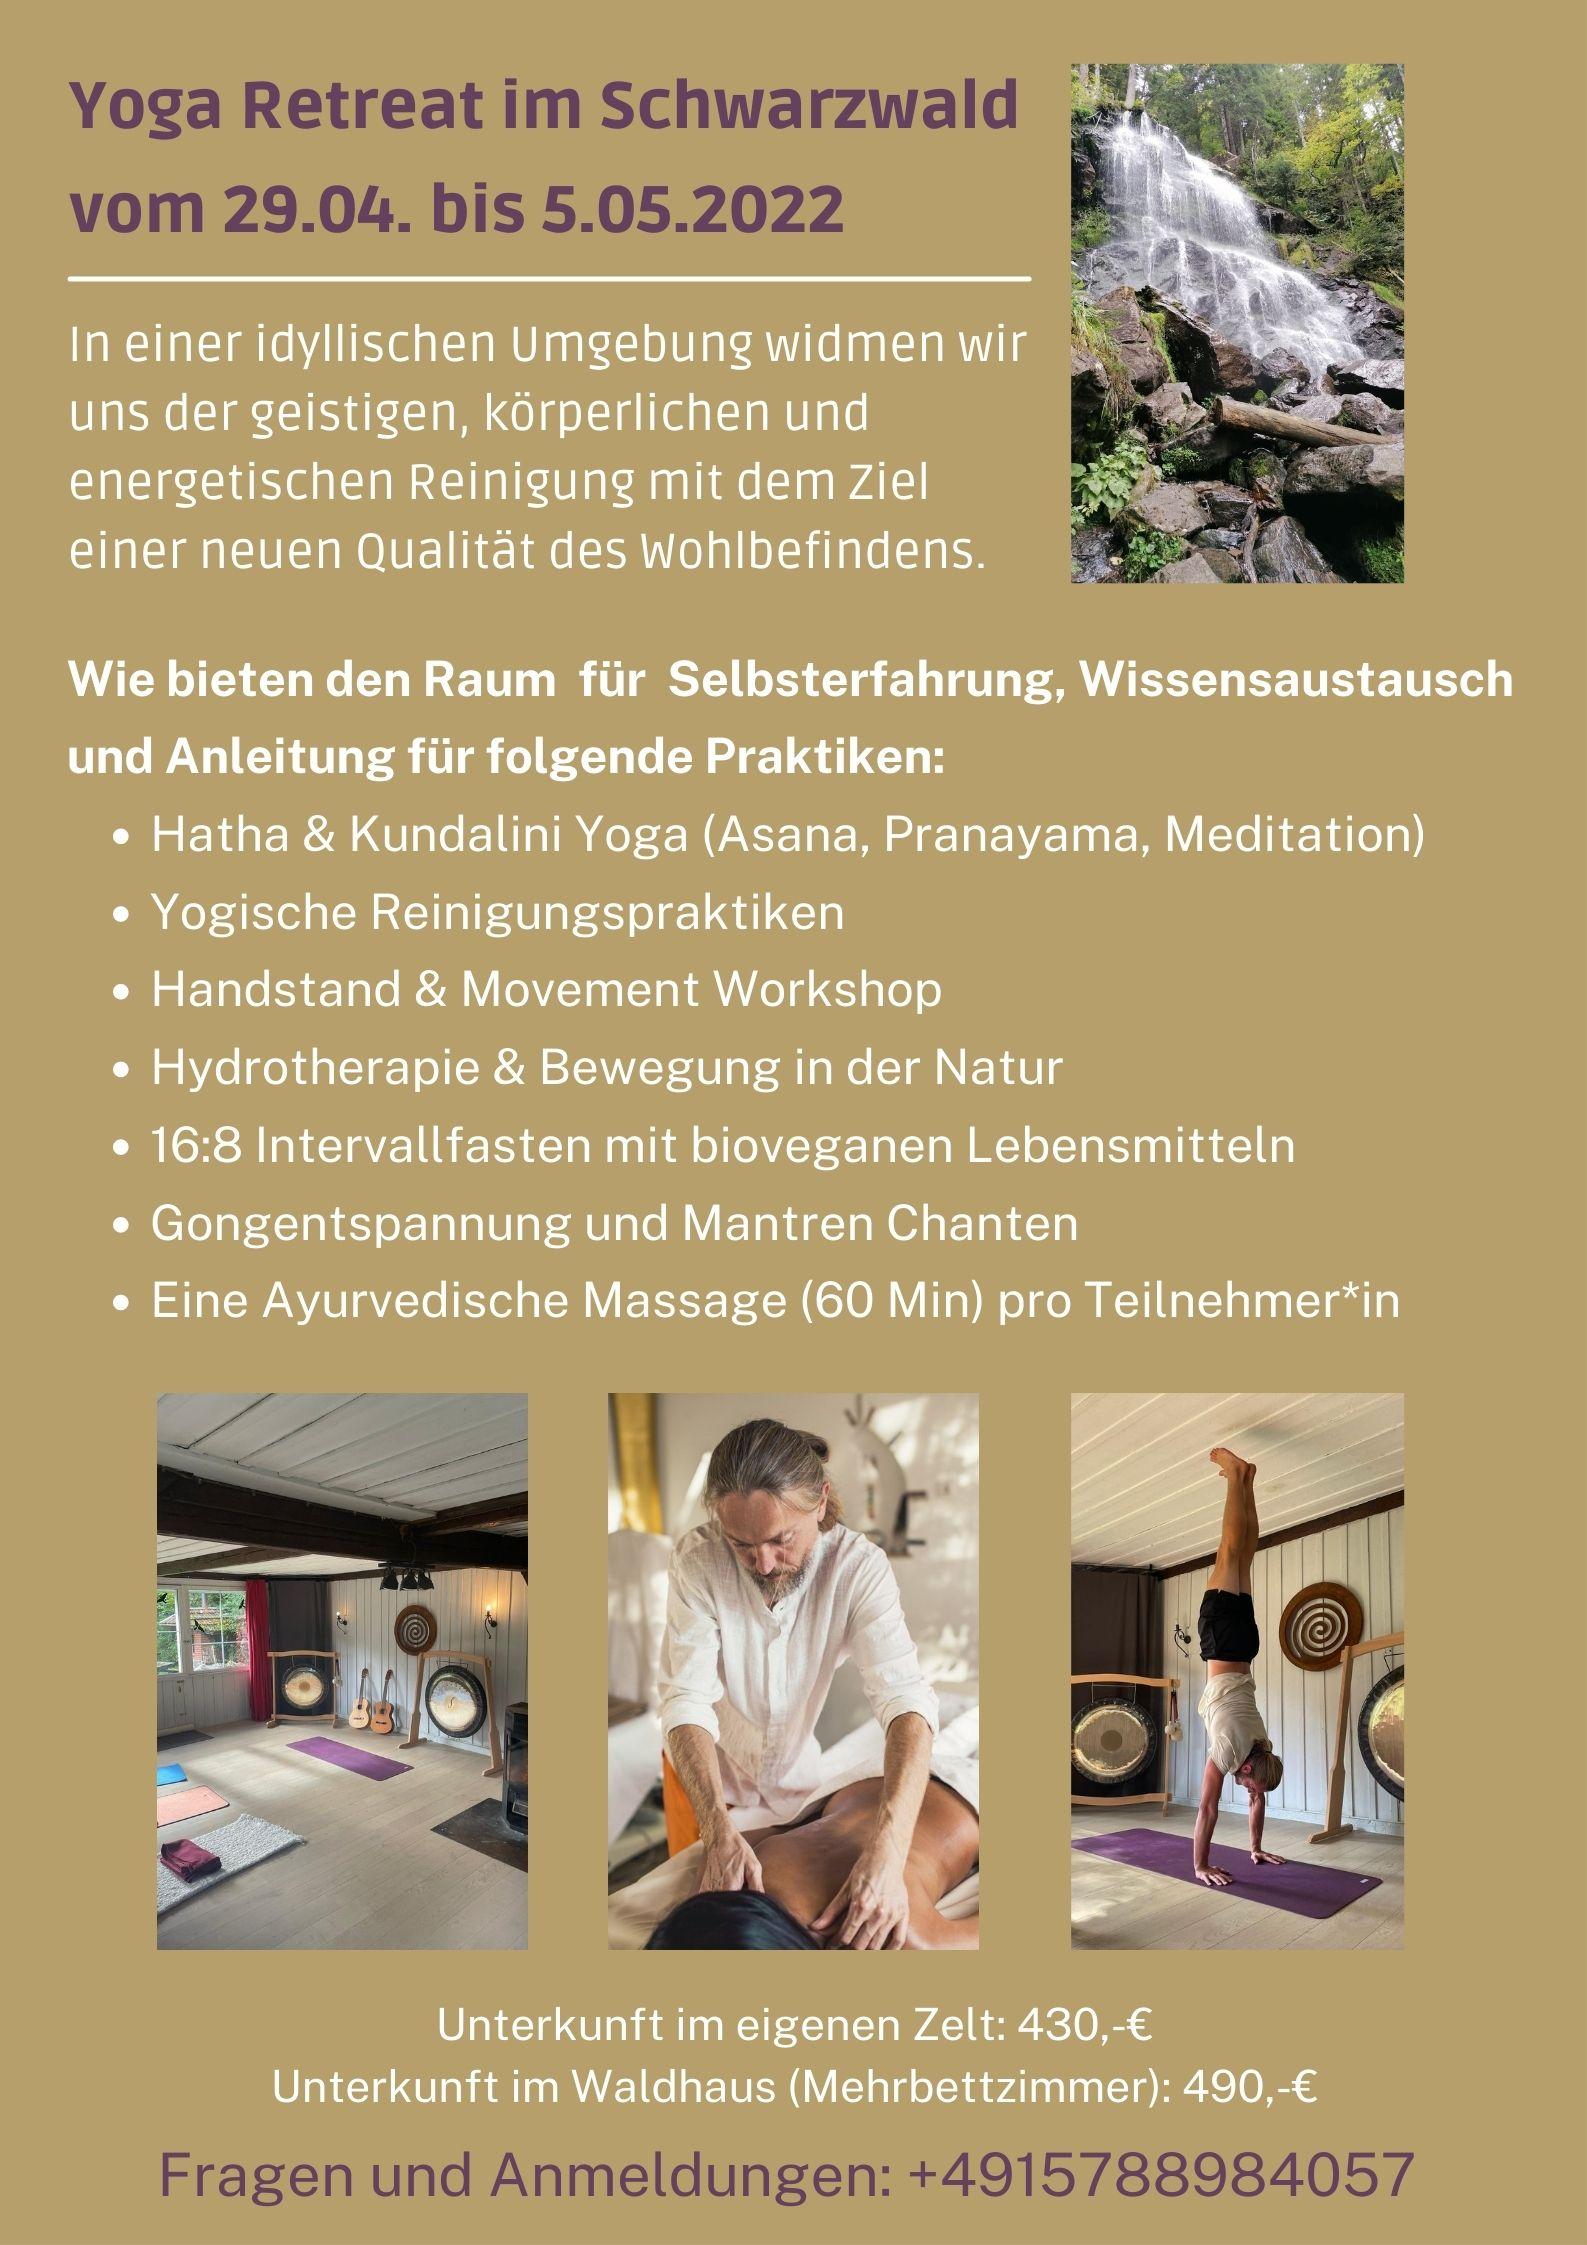 Yoga Retreat im Schwarzwald 29.04. bis 5.05.2022